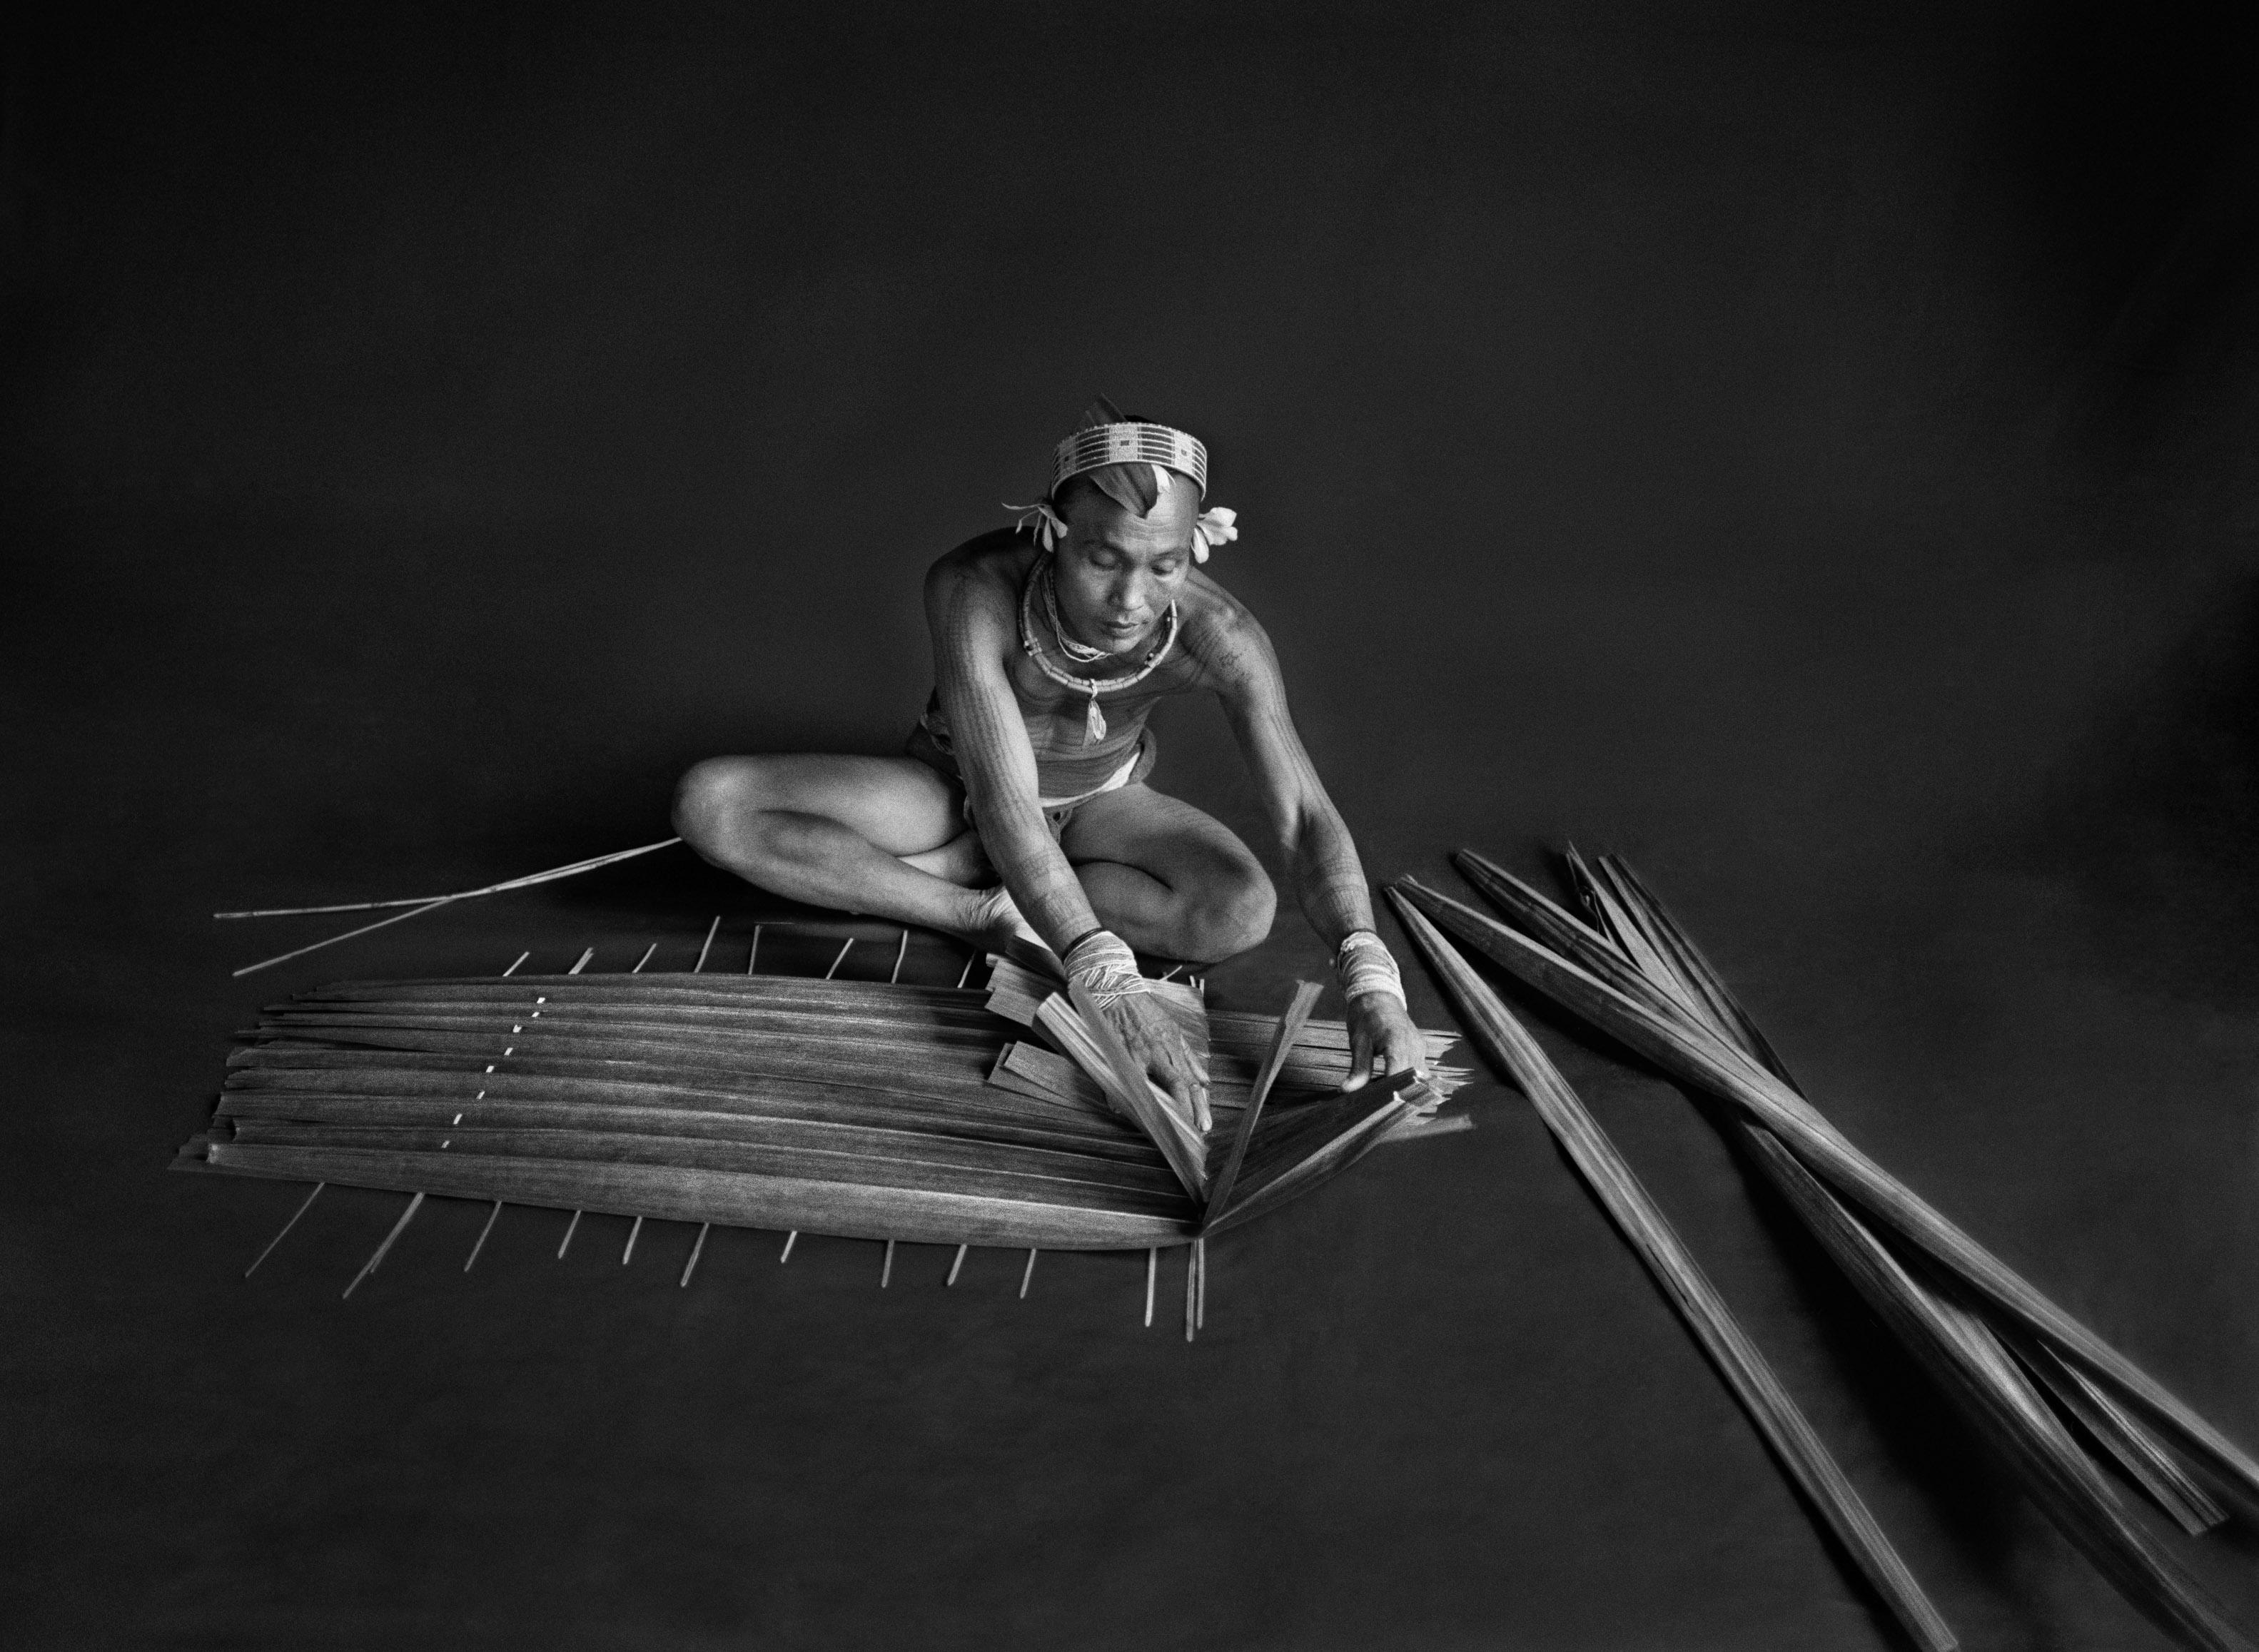 <p>Teureum, sikeirei (xamã) e chefe de clã da tribo Mentawai. Este xamã está a preparar um filtro para o sagu, a partir das folhas do próprio saguzeiro. Ilha Siberut, Sumatra ocidental, Indonésia. 2008.</p>